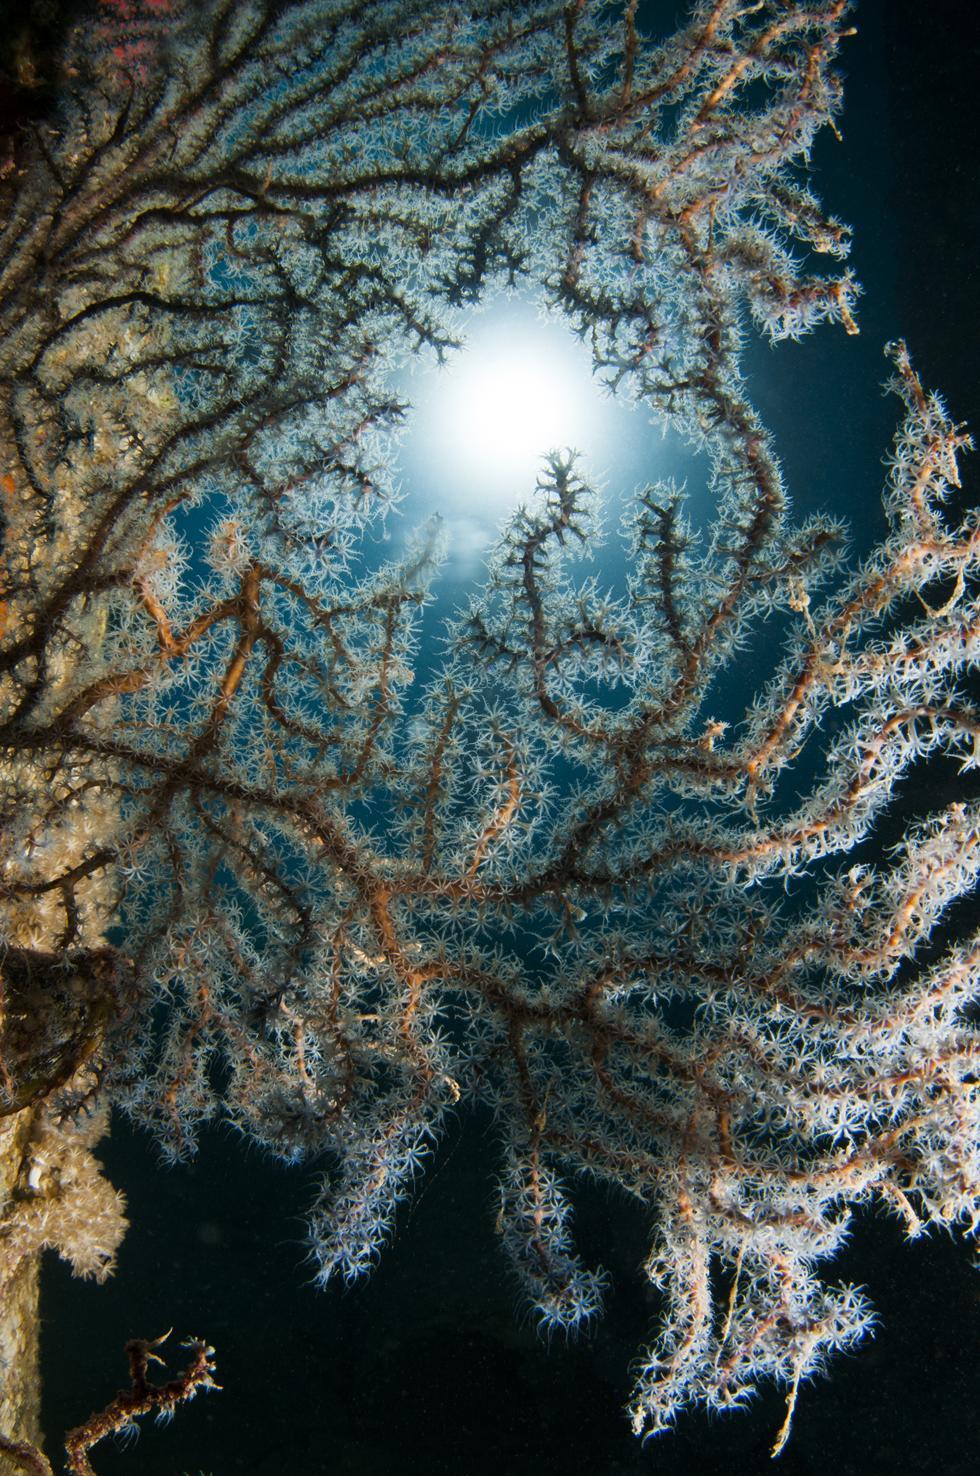 אלמוג דק גורגונית כחלחלה מלקט מזון במים השקטים שמתחת למימשה (צילום:חגי נתיב)